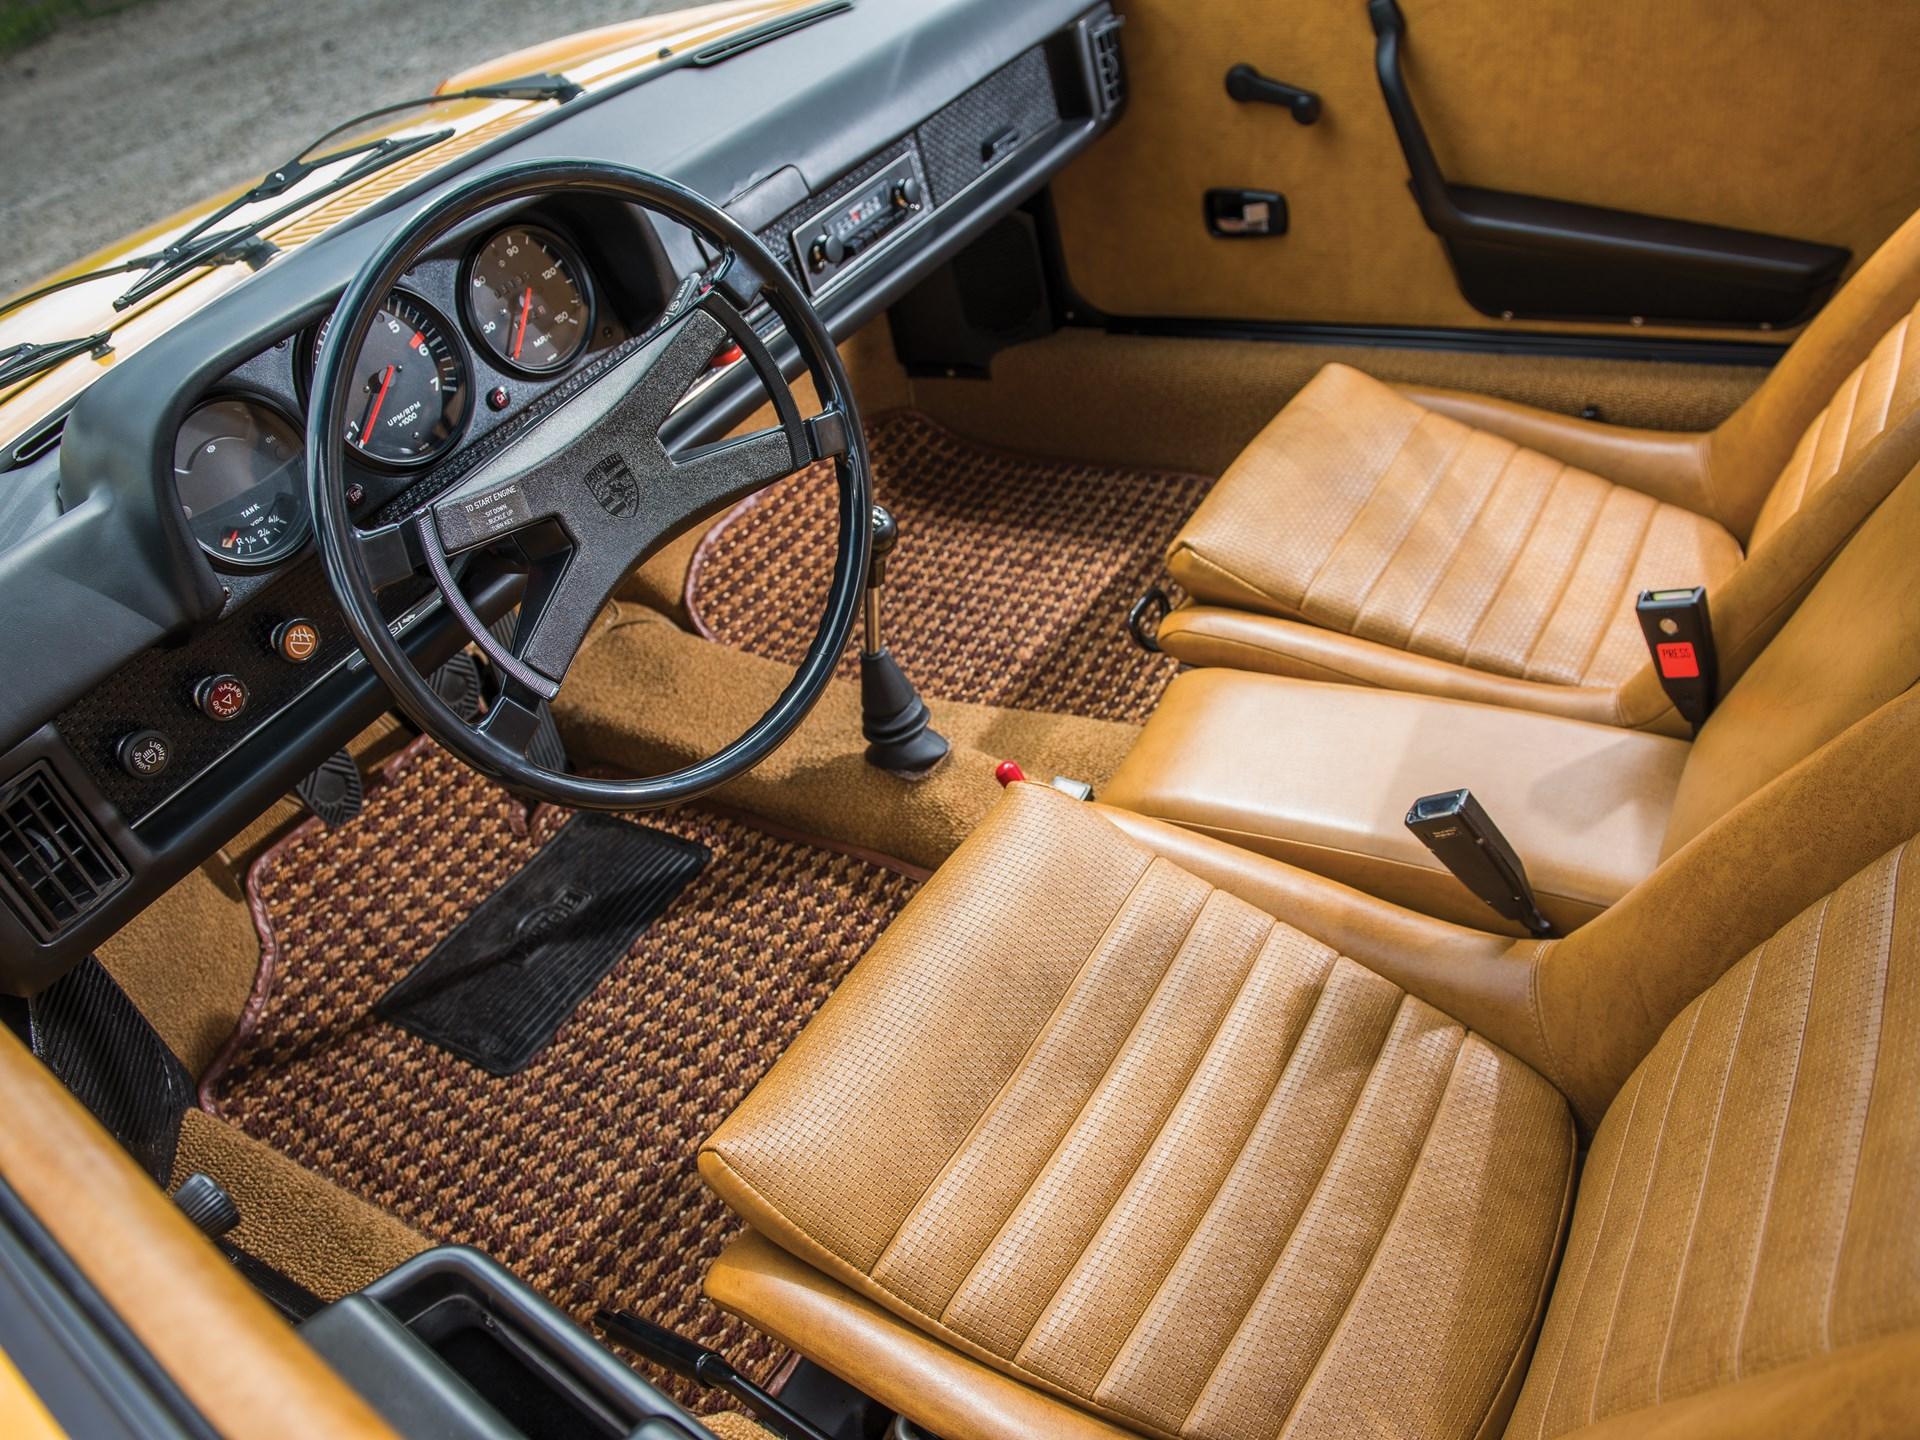 1975 Porsche 914 interior seats